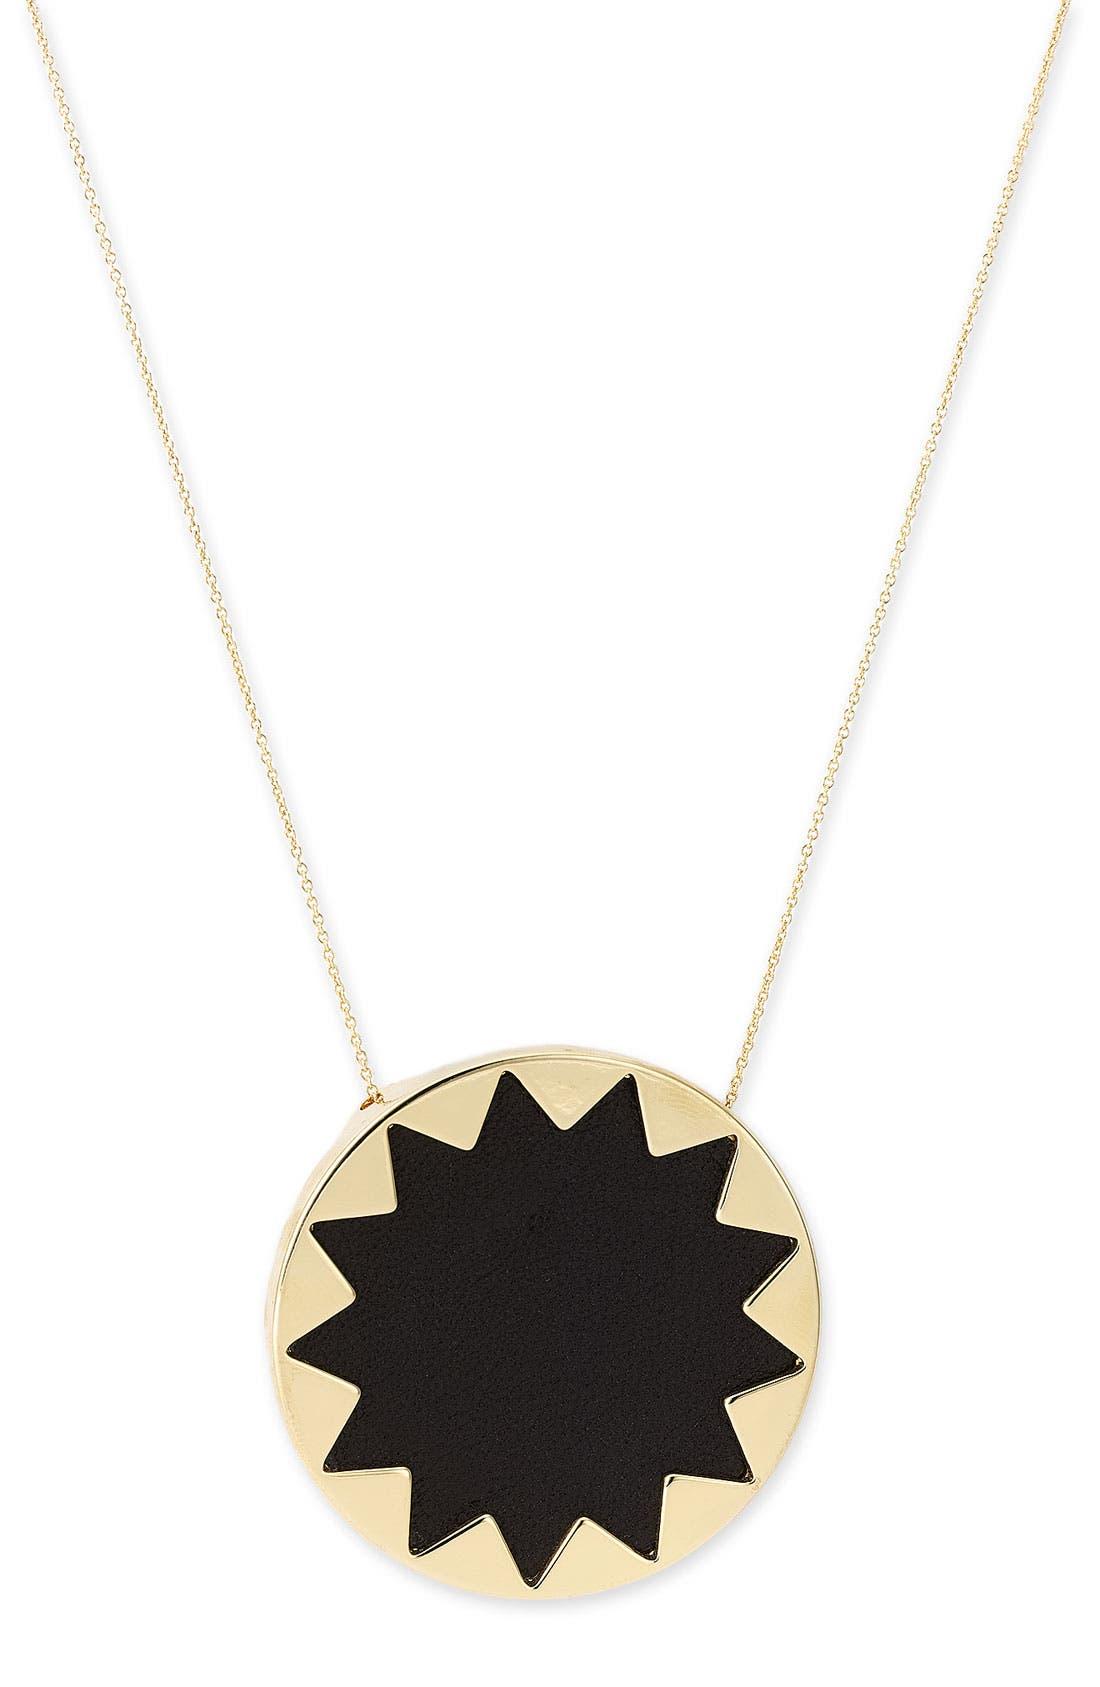 Sunburst Pendant Necklace,                         Main,                         color, Black/ Gold